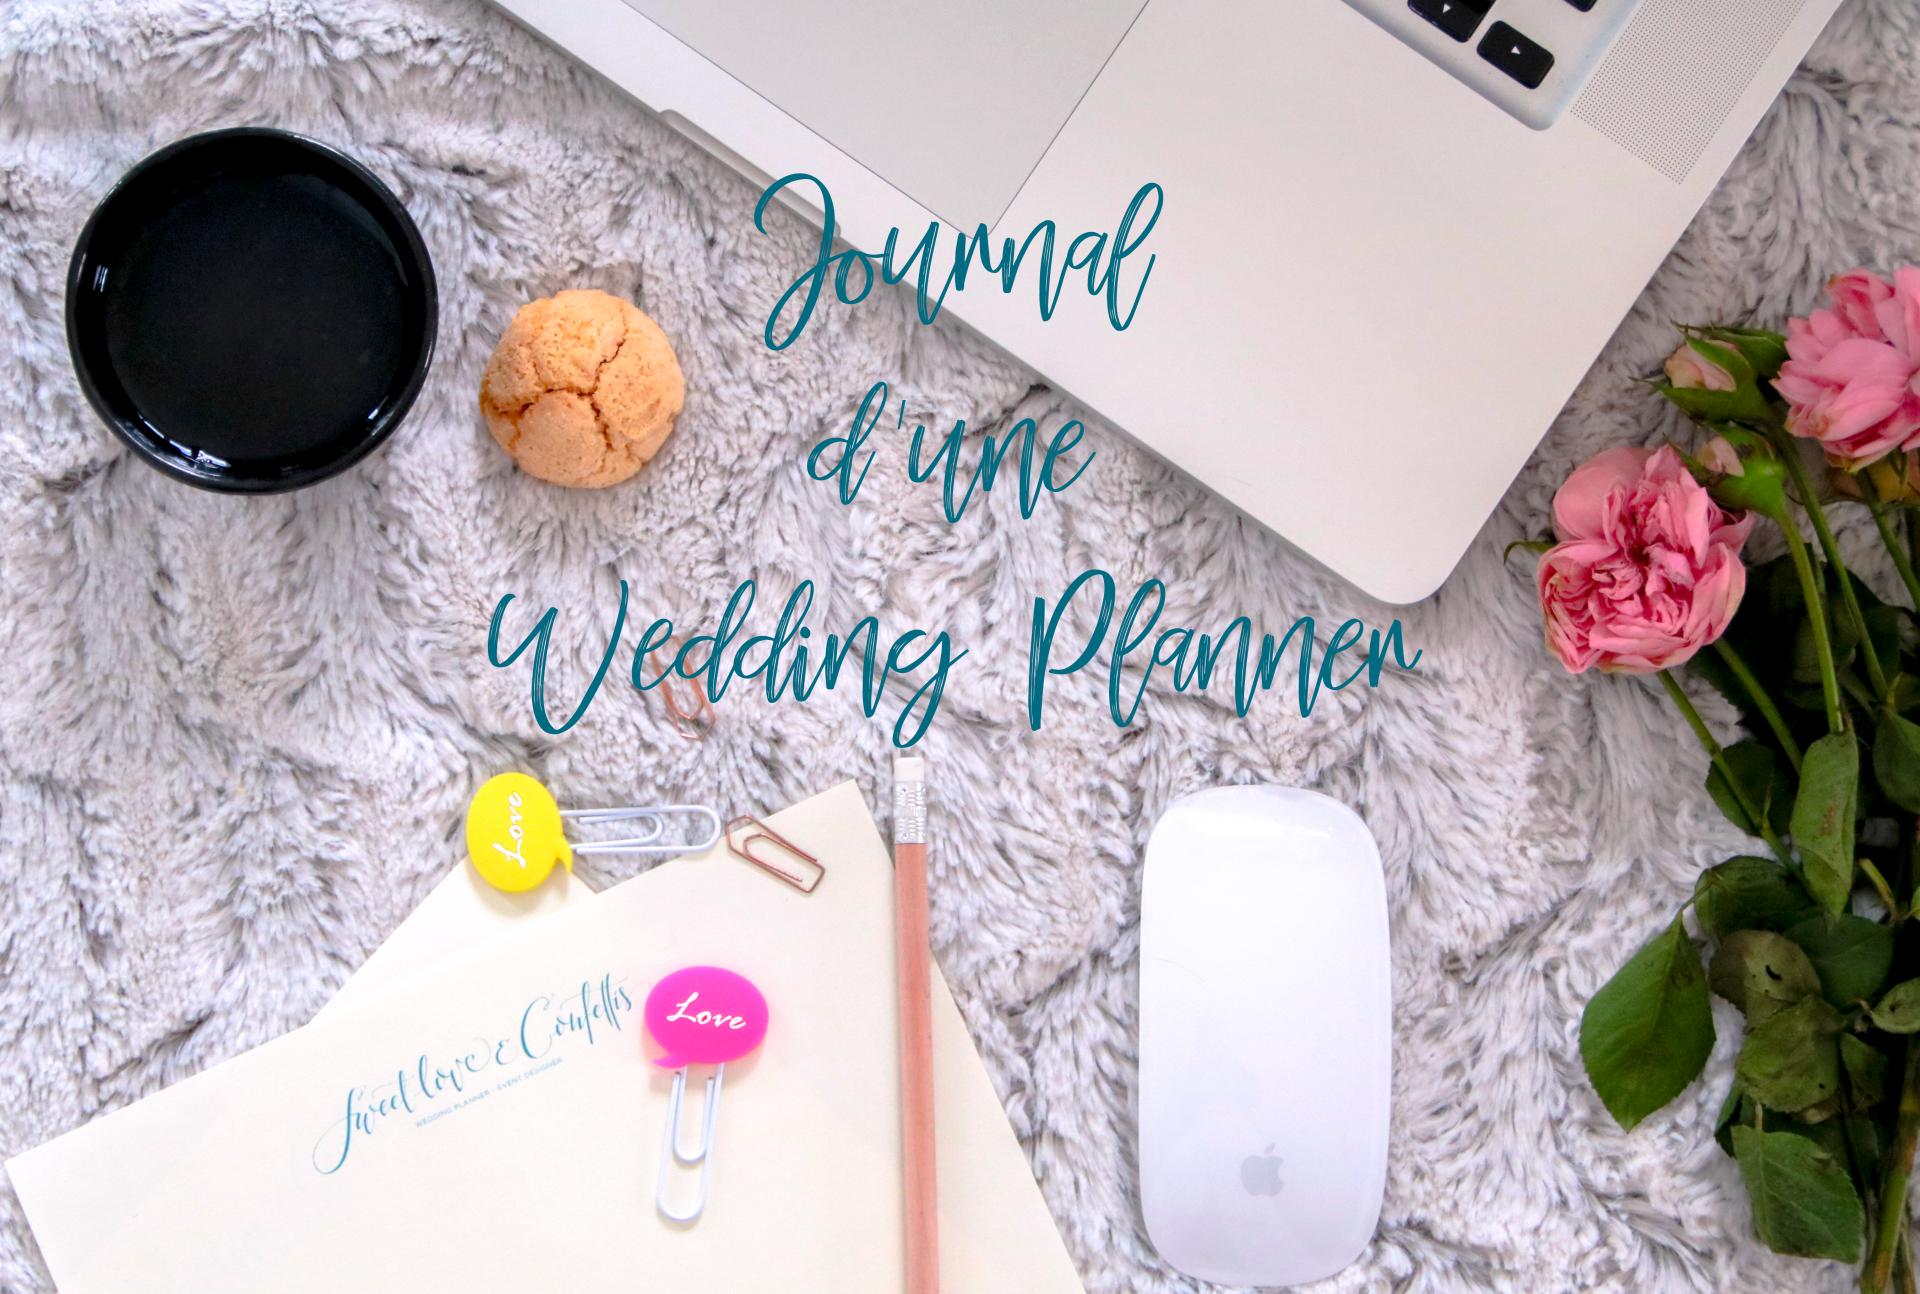 newxxxxx - Your Wedding Planner - Wedding planner - Organisation de Mariage en France, au Luxembourg, en italie, en provence, à la montagne